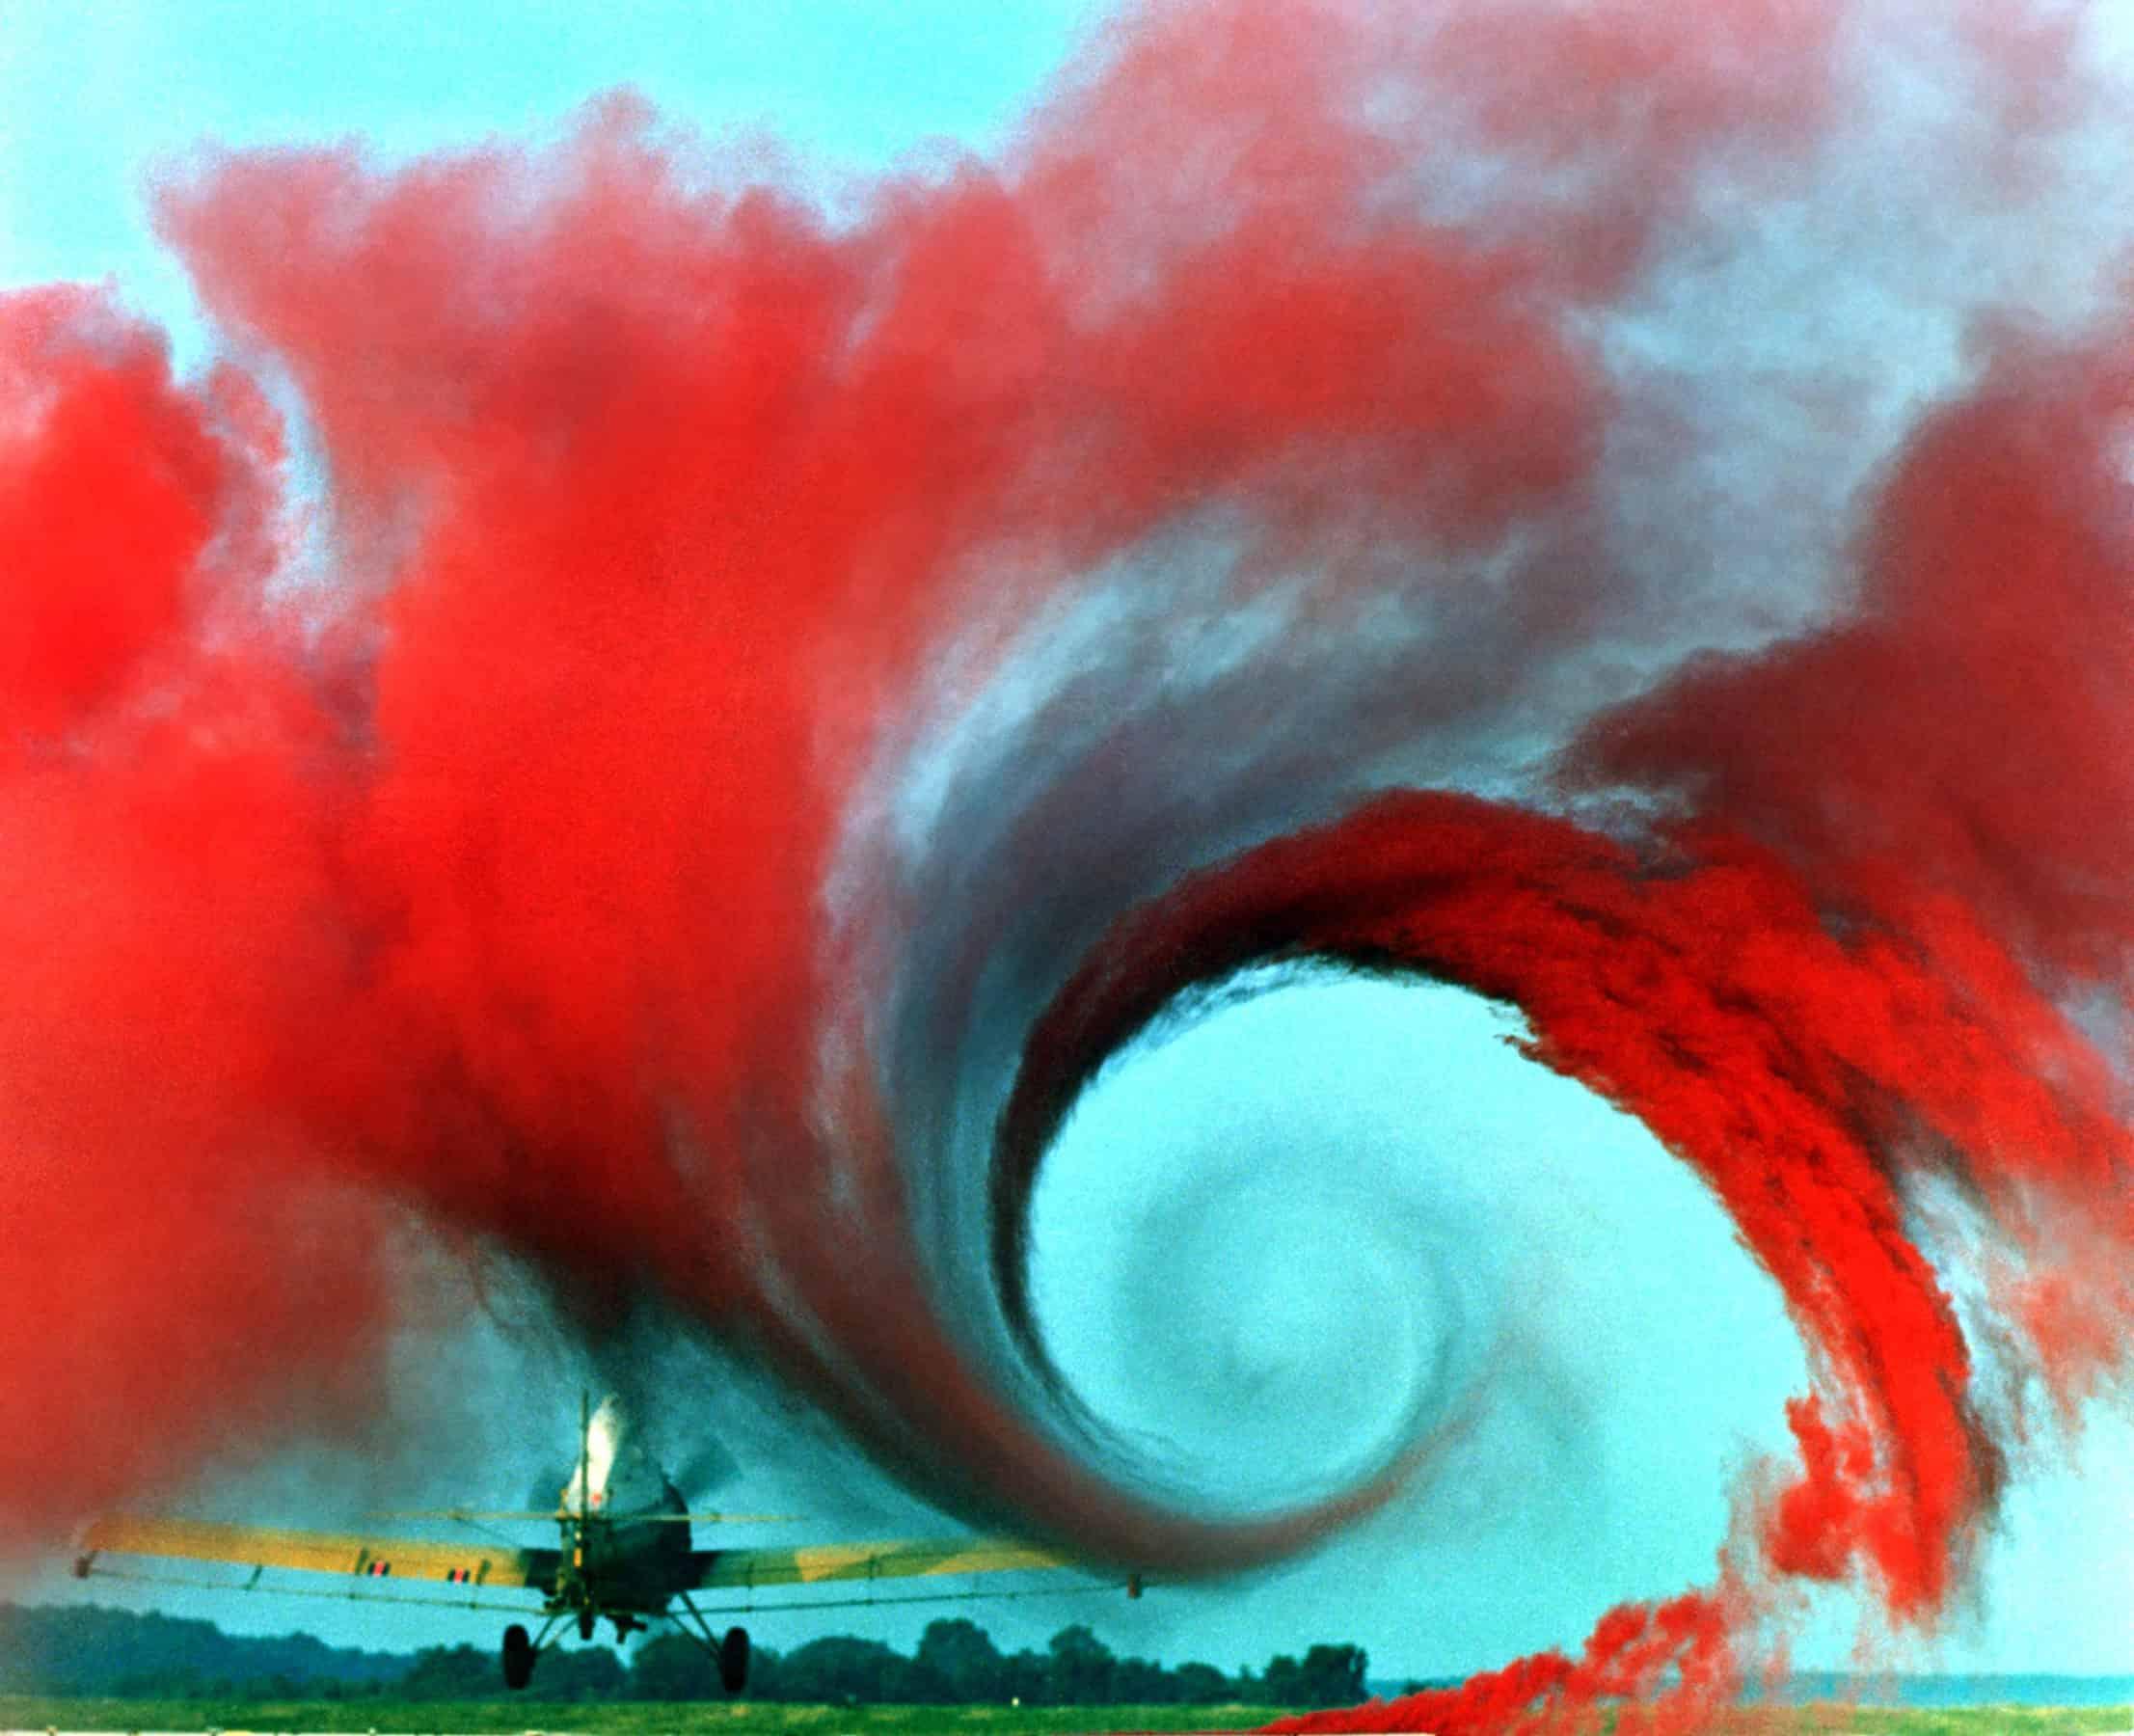 Airplane vortex